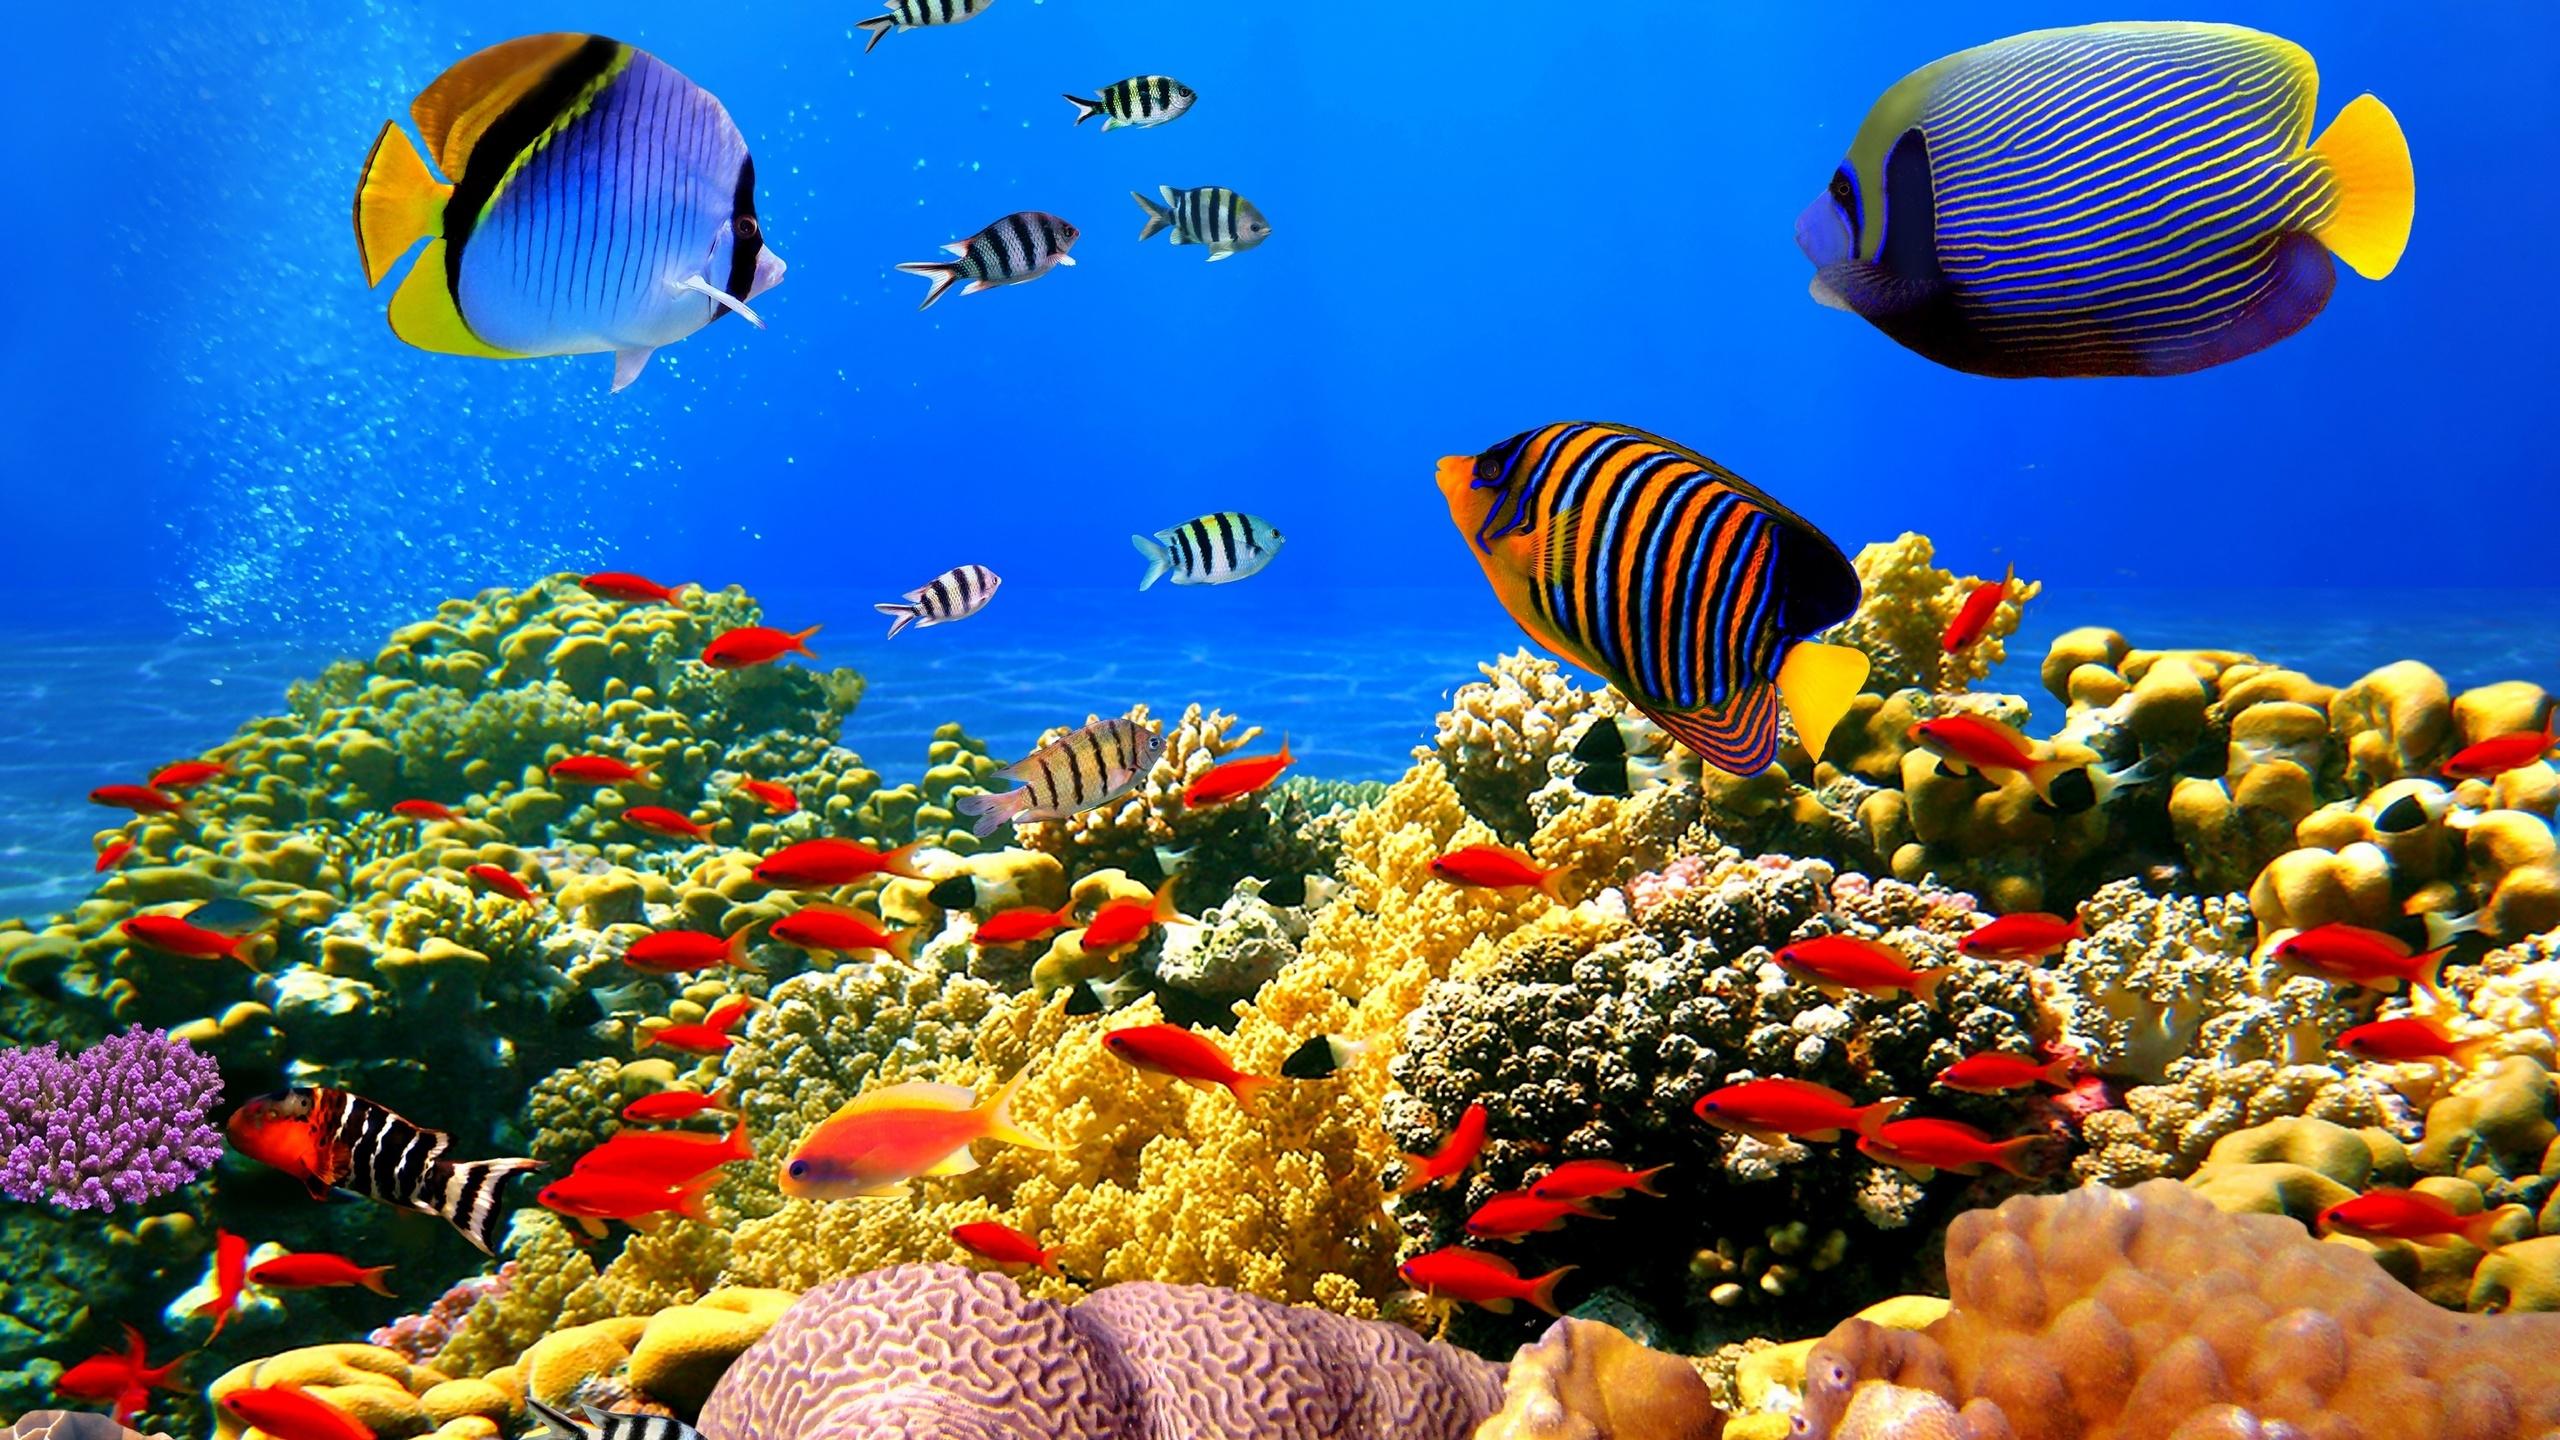 Рыбы картинки обои